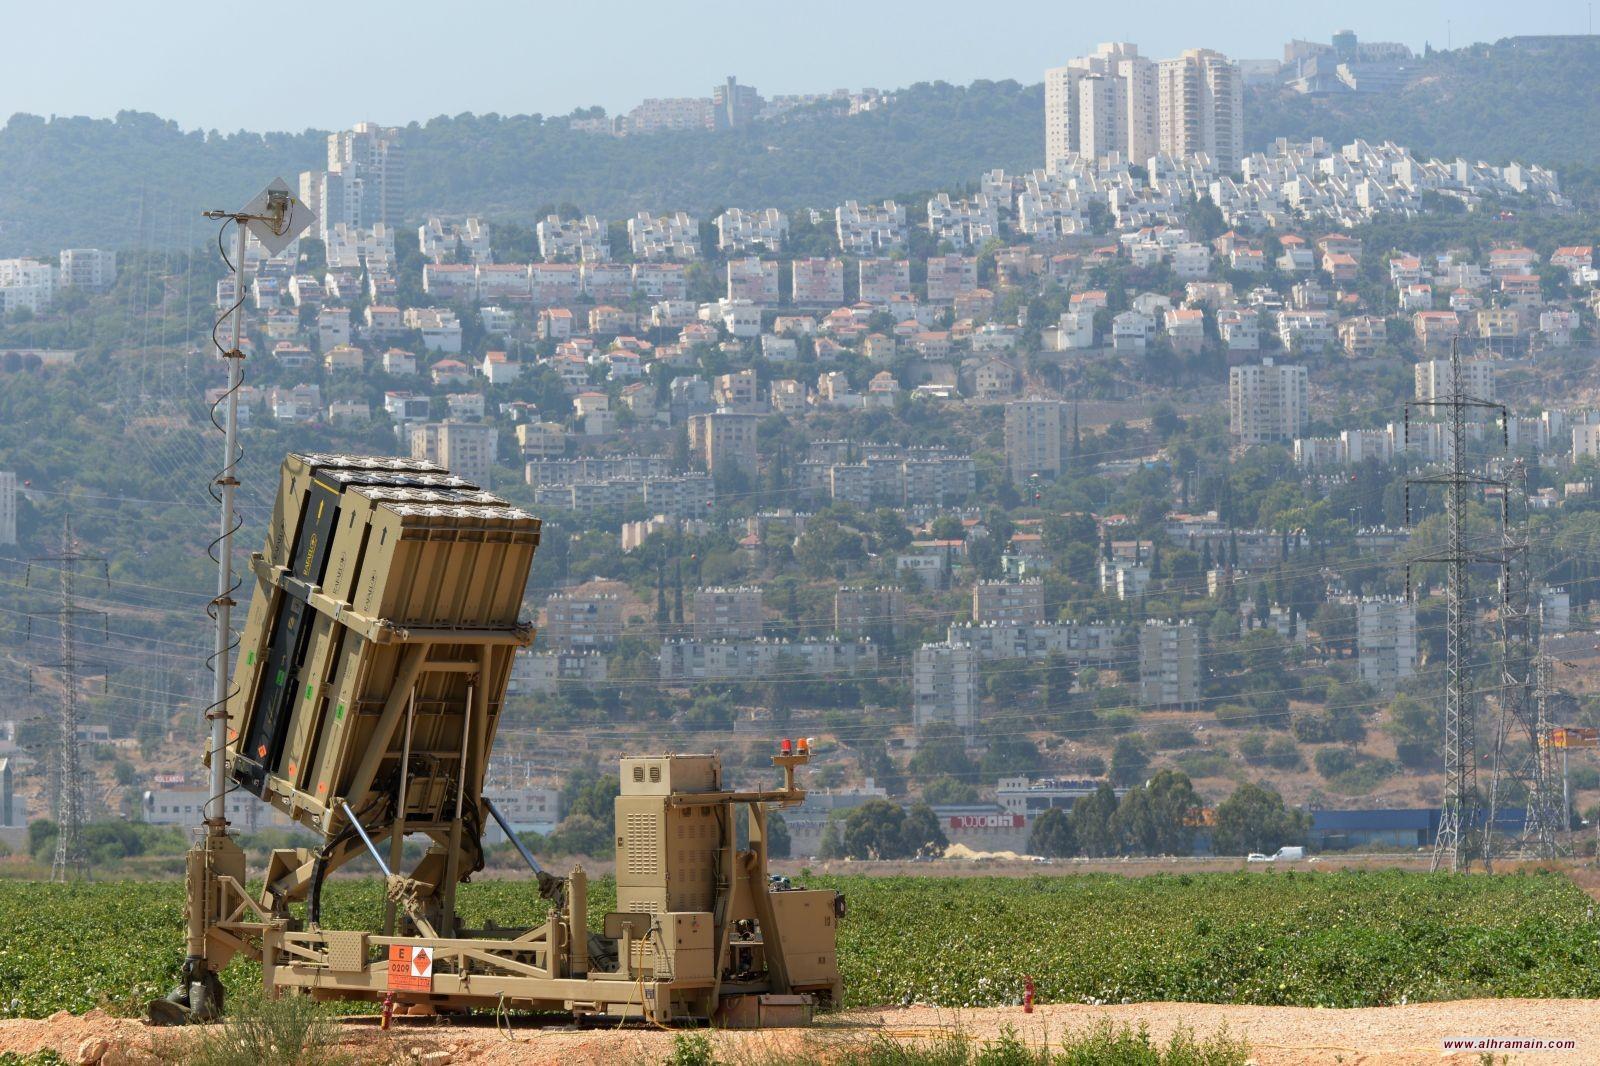 السعودية تسعى لإنشاء منظومة دفاع صاروخي مع (إسرائيل)